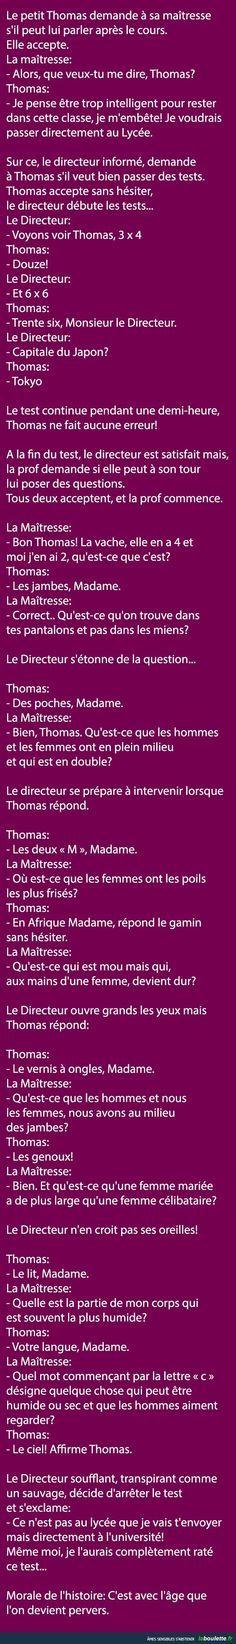 Le petit Thomas demande à sa maîtresse s'il peut lui parler après le cours... | LABOULETTE.fr - Les meilleures images du net!: